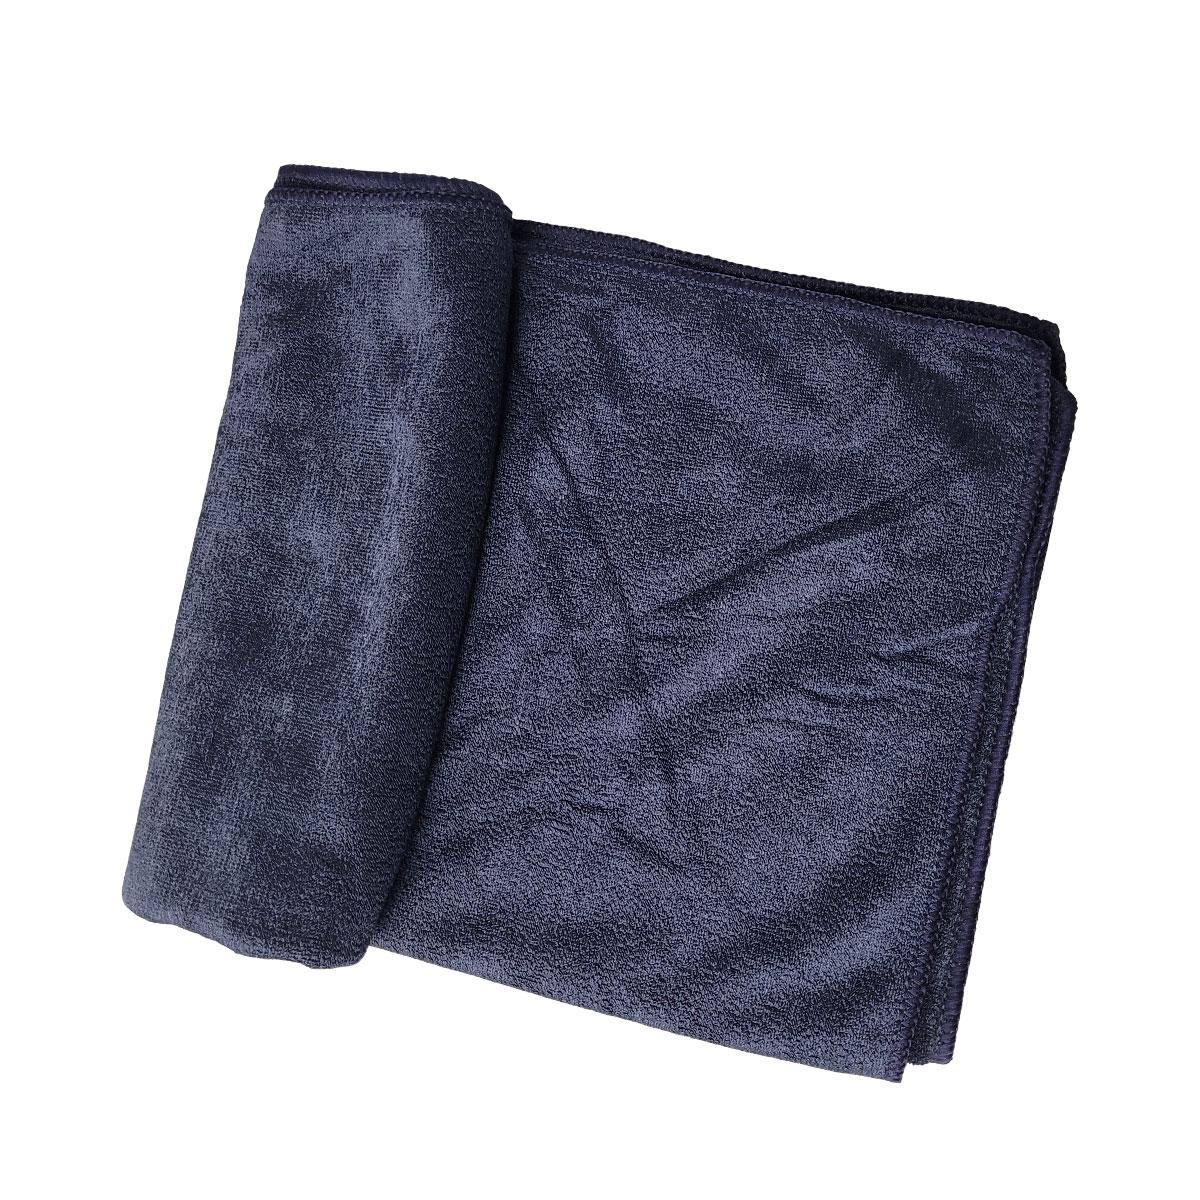 Toalha de Microfibra Para Secagem 47x87cm Coreana - Mandala